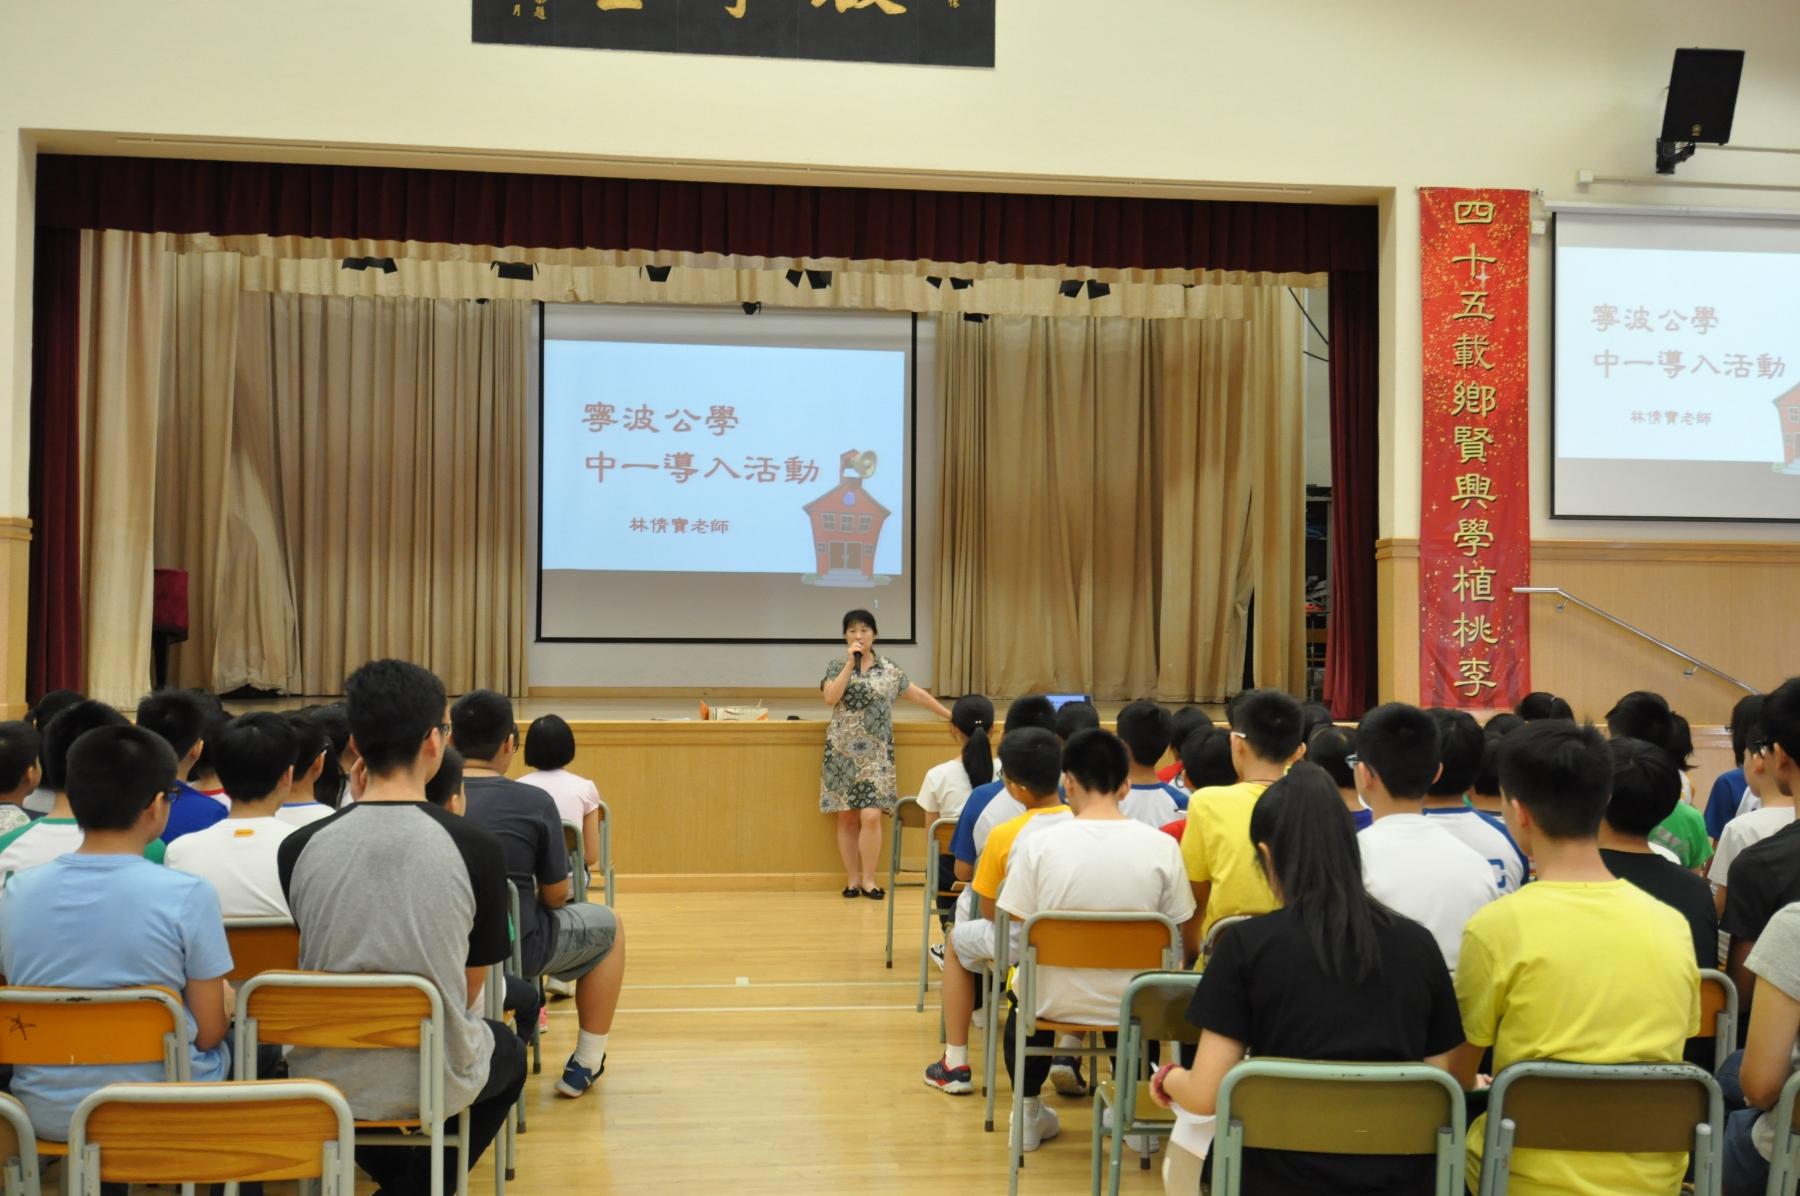 http://www.npc.edu.hk/sites/default/files/ren_shi_zhu_bo_.ren_shi_zi_ji_20170814_03.jpg